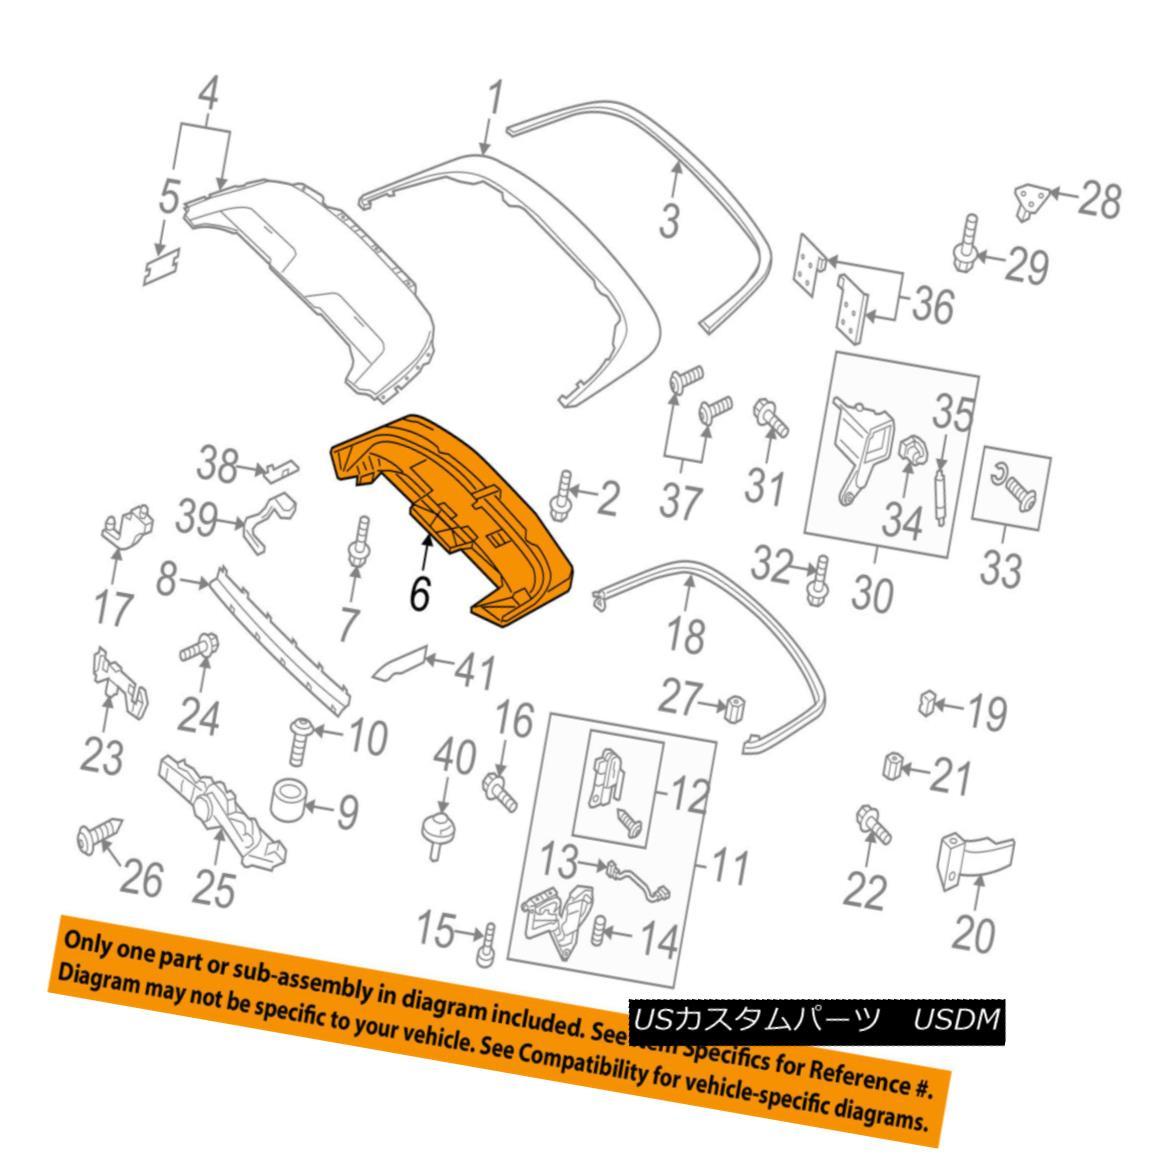 幌・ソフトトップ AUDI OEM A5 Quattro Storage Cover-Convertible/soft Top-Inner Cover 8F0825177E AUDI OEM A5 Quattro Storage Cover-Converti ble /ソフトトップインナーカバー8F0825177E